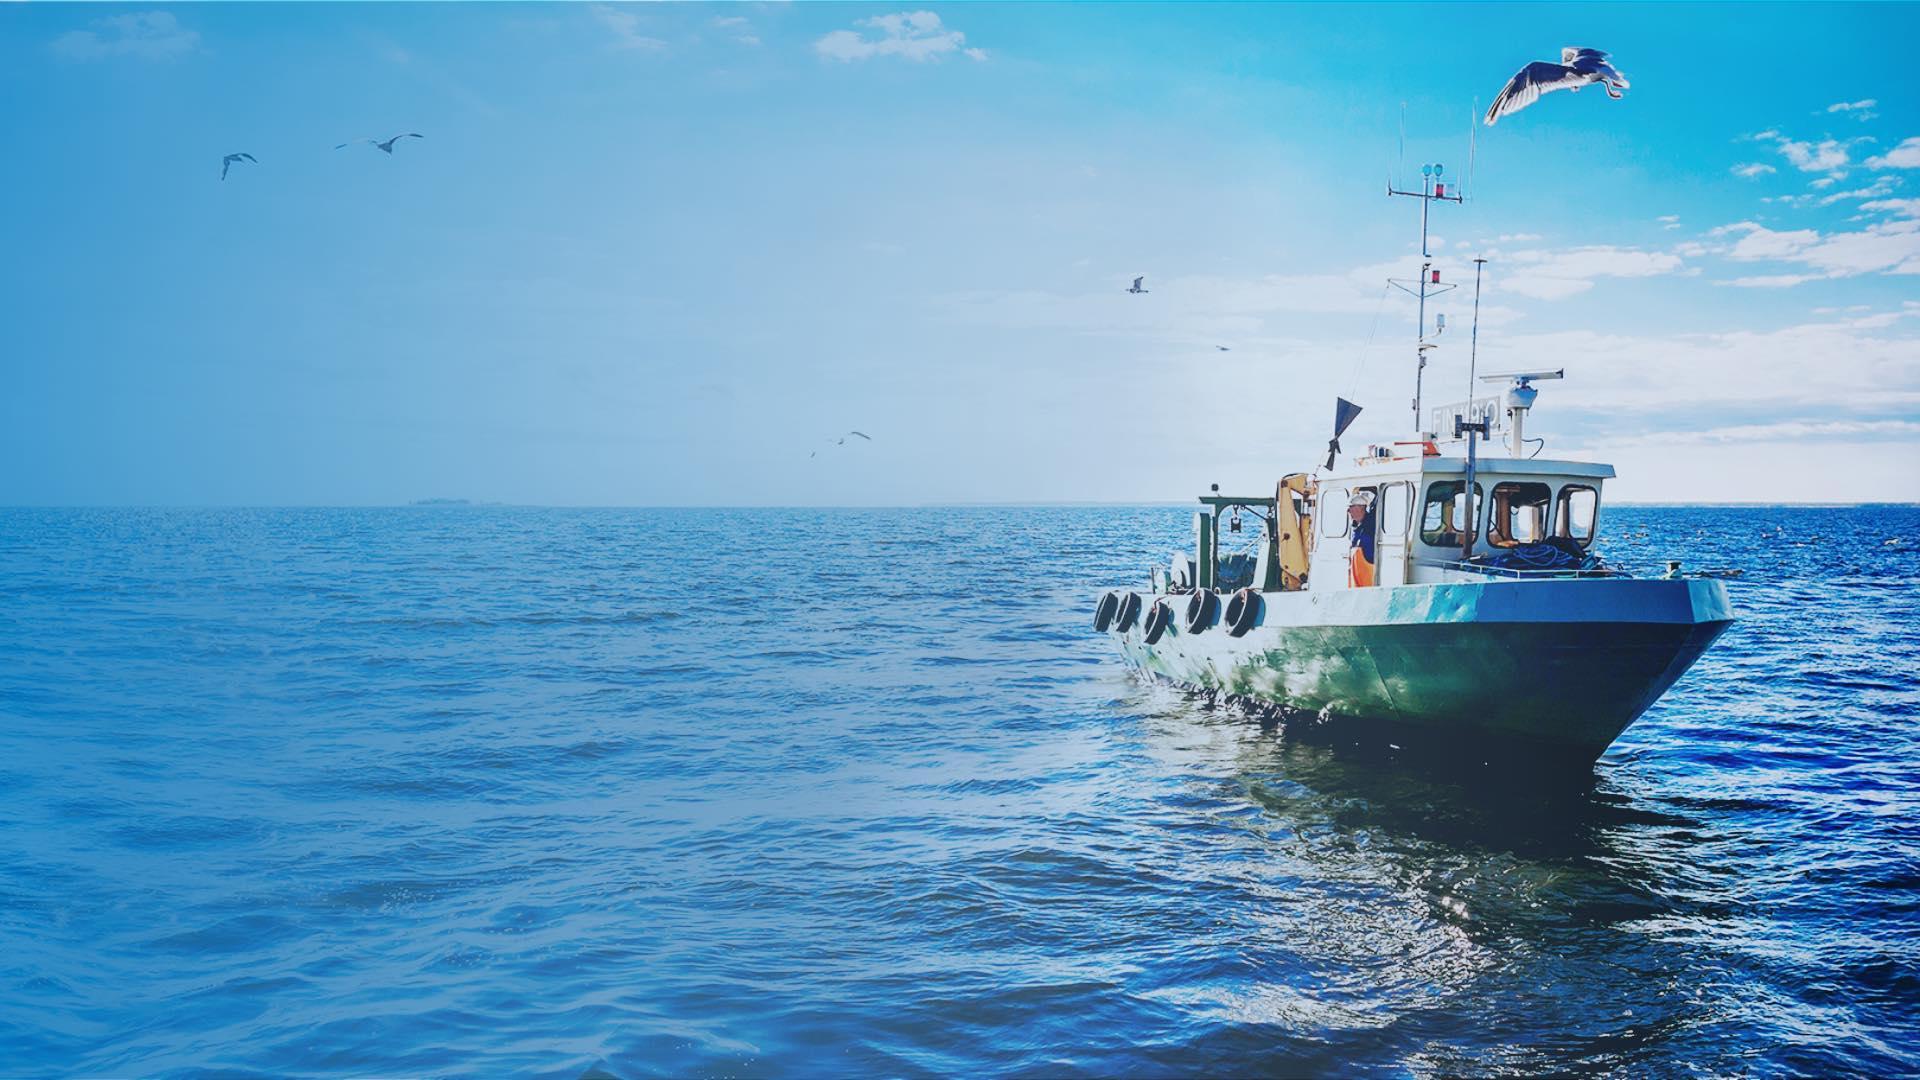 Kalastusaluksen kuva | Pohjoisen rehtiä kalaa | Hätälä